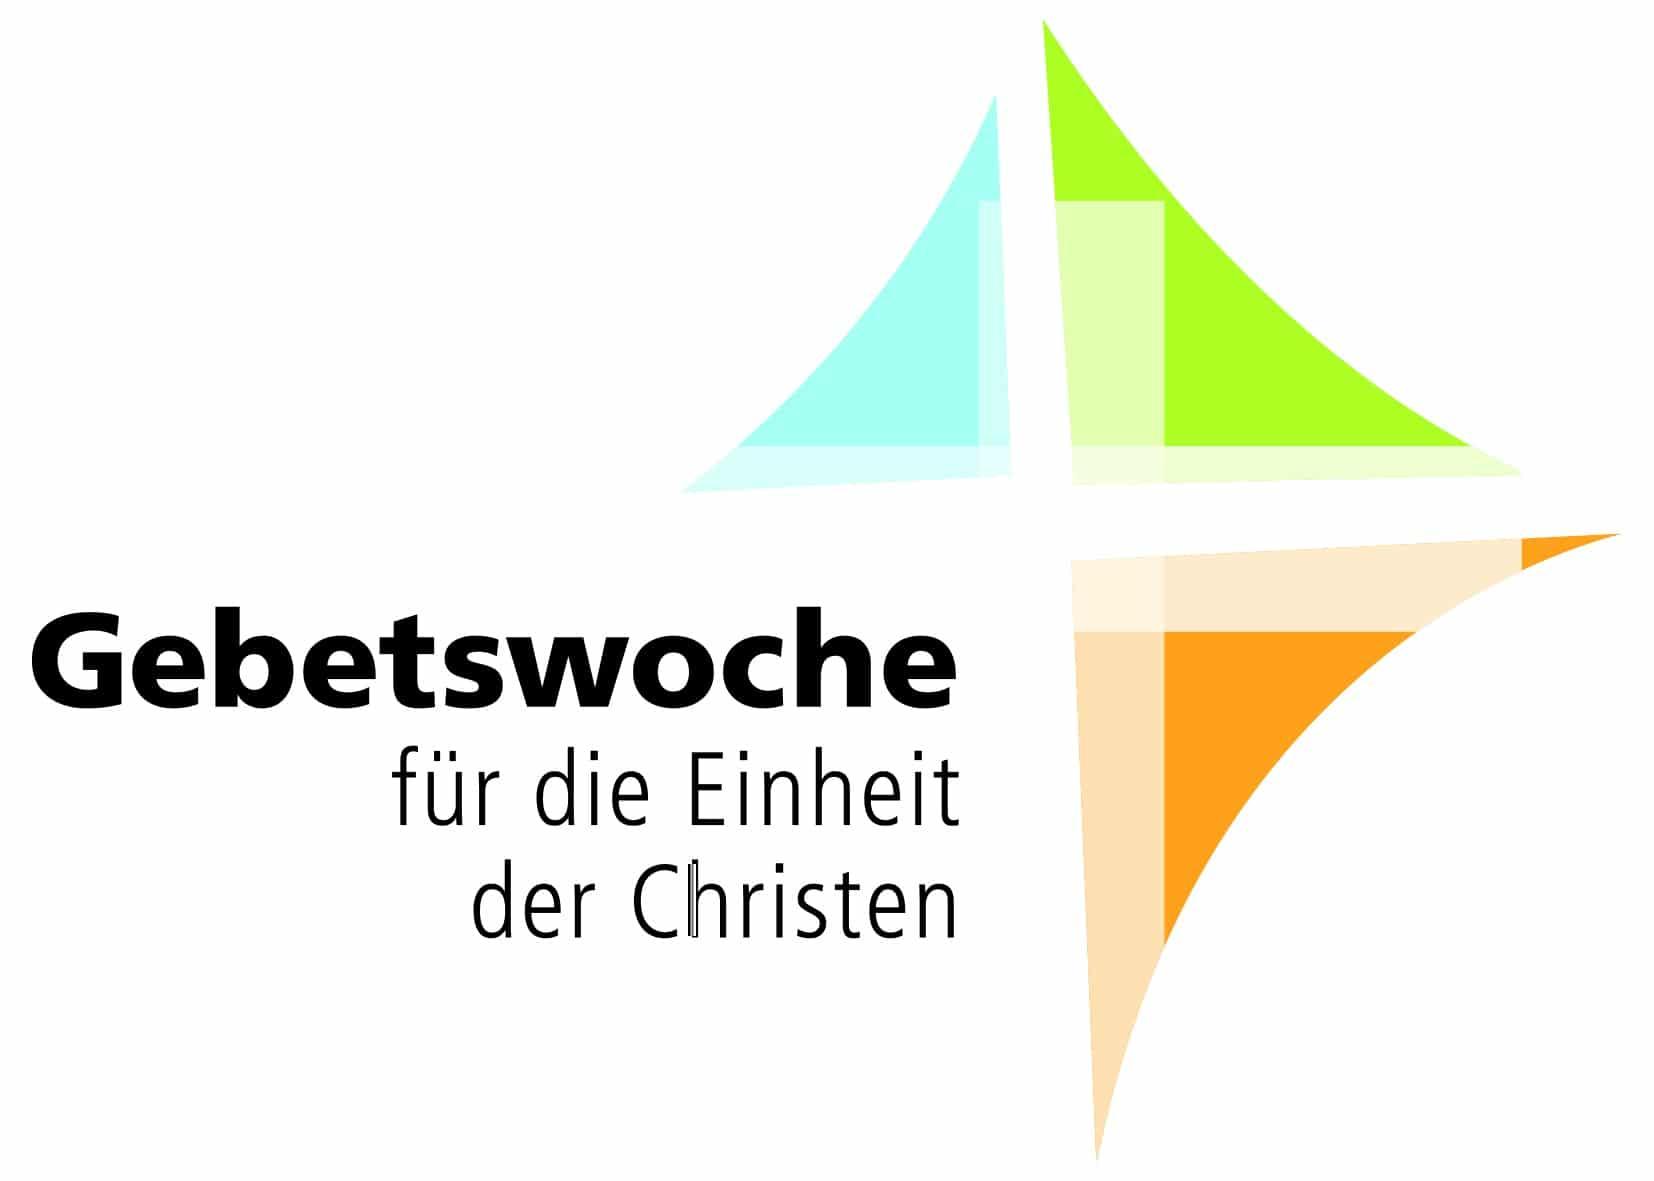 Logo gebetswoche Einheit der Christen